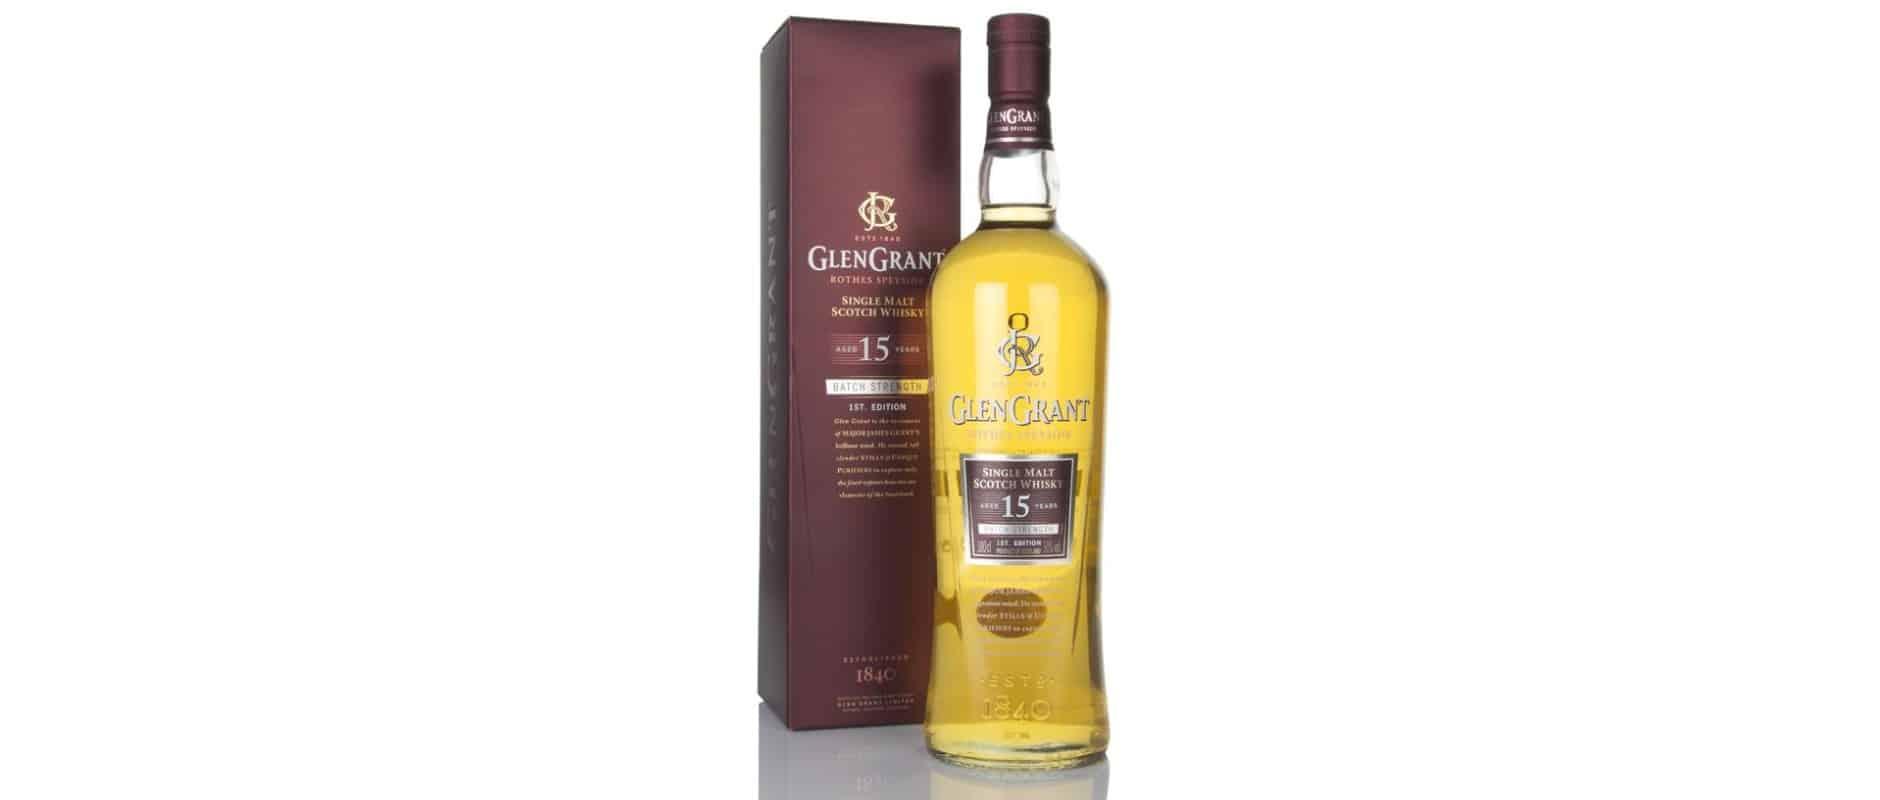 glen grant 15y batch strength